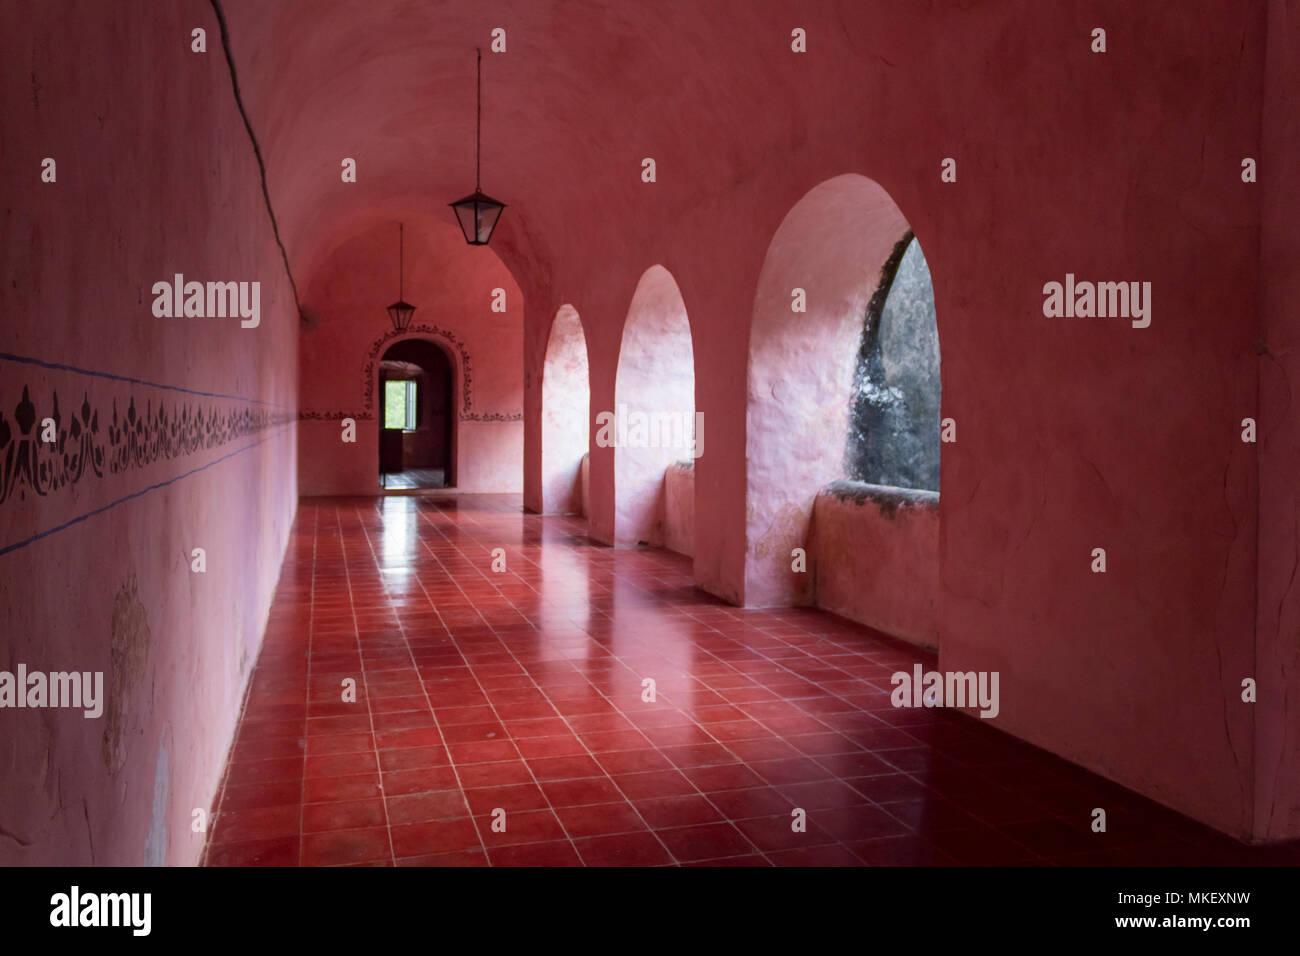 Rosa Korridore im Haus im Kolonialstil. Einst ein Palast für die Elite, das ist jetzt ein Museum in Mexiko. Alle Flure und Zimmer sind rosa lackiert Stockbild